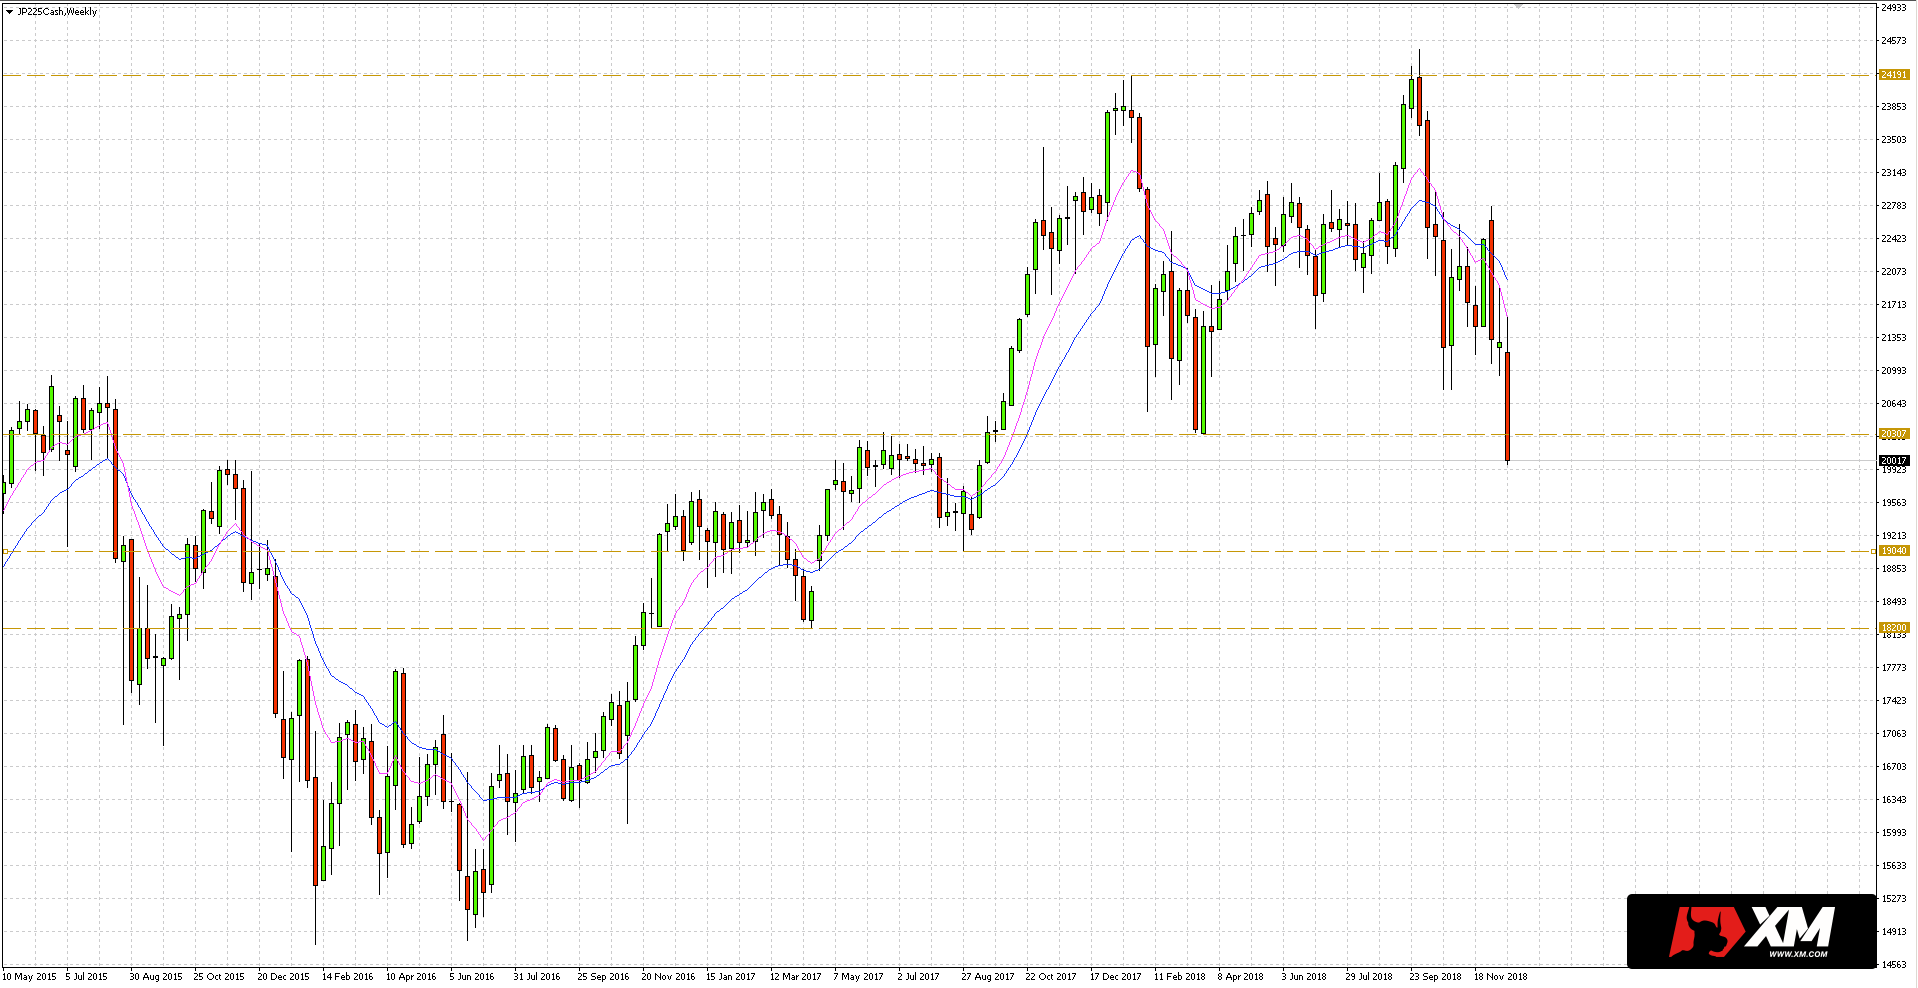 notowania japońskiego indeksu Nikkei 225 ponownie się osuwają